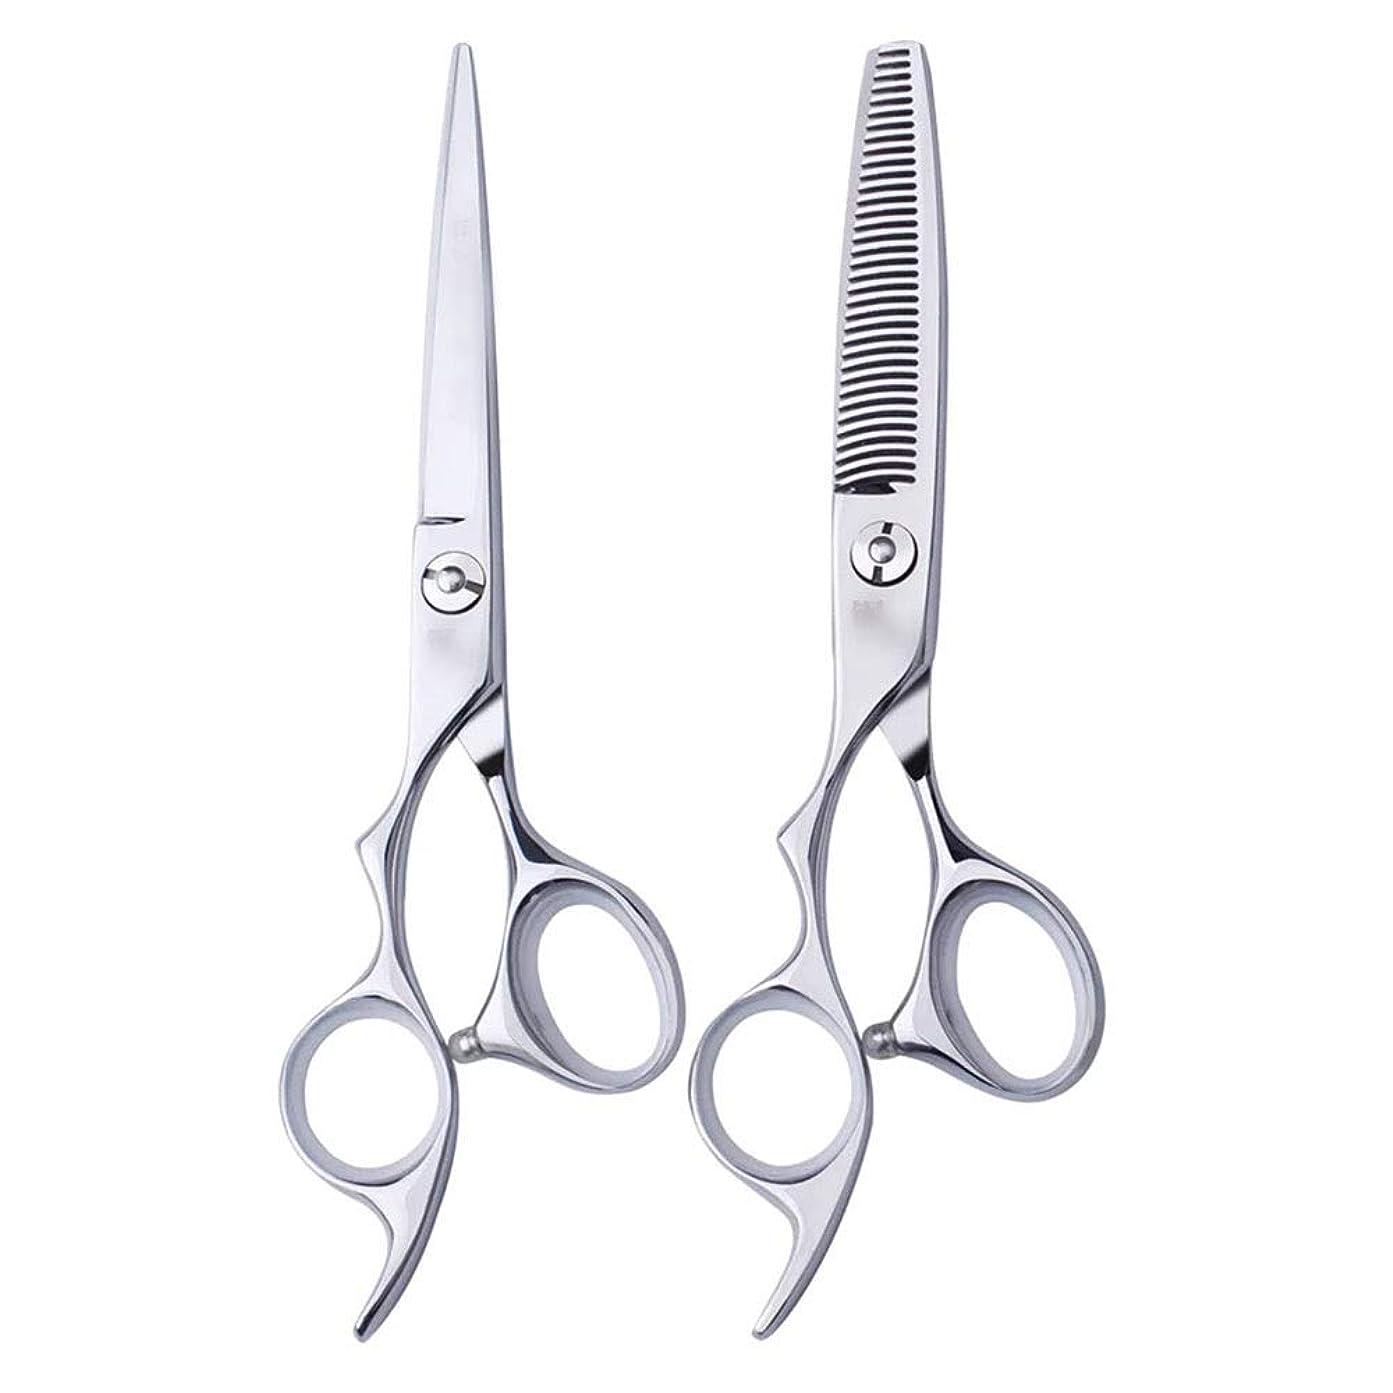 不透明なはしご資本6インチ美容院プロのヘアカット左手はさみ理髪はさみ、左利き用特殊理髪はさみプロの本格的なツール モデリングツール (色 : Silver, Design : Flat)